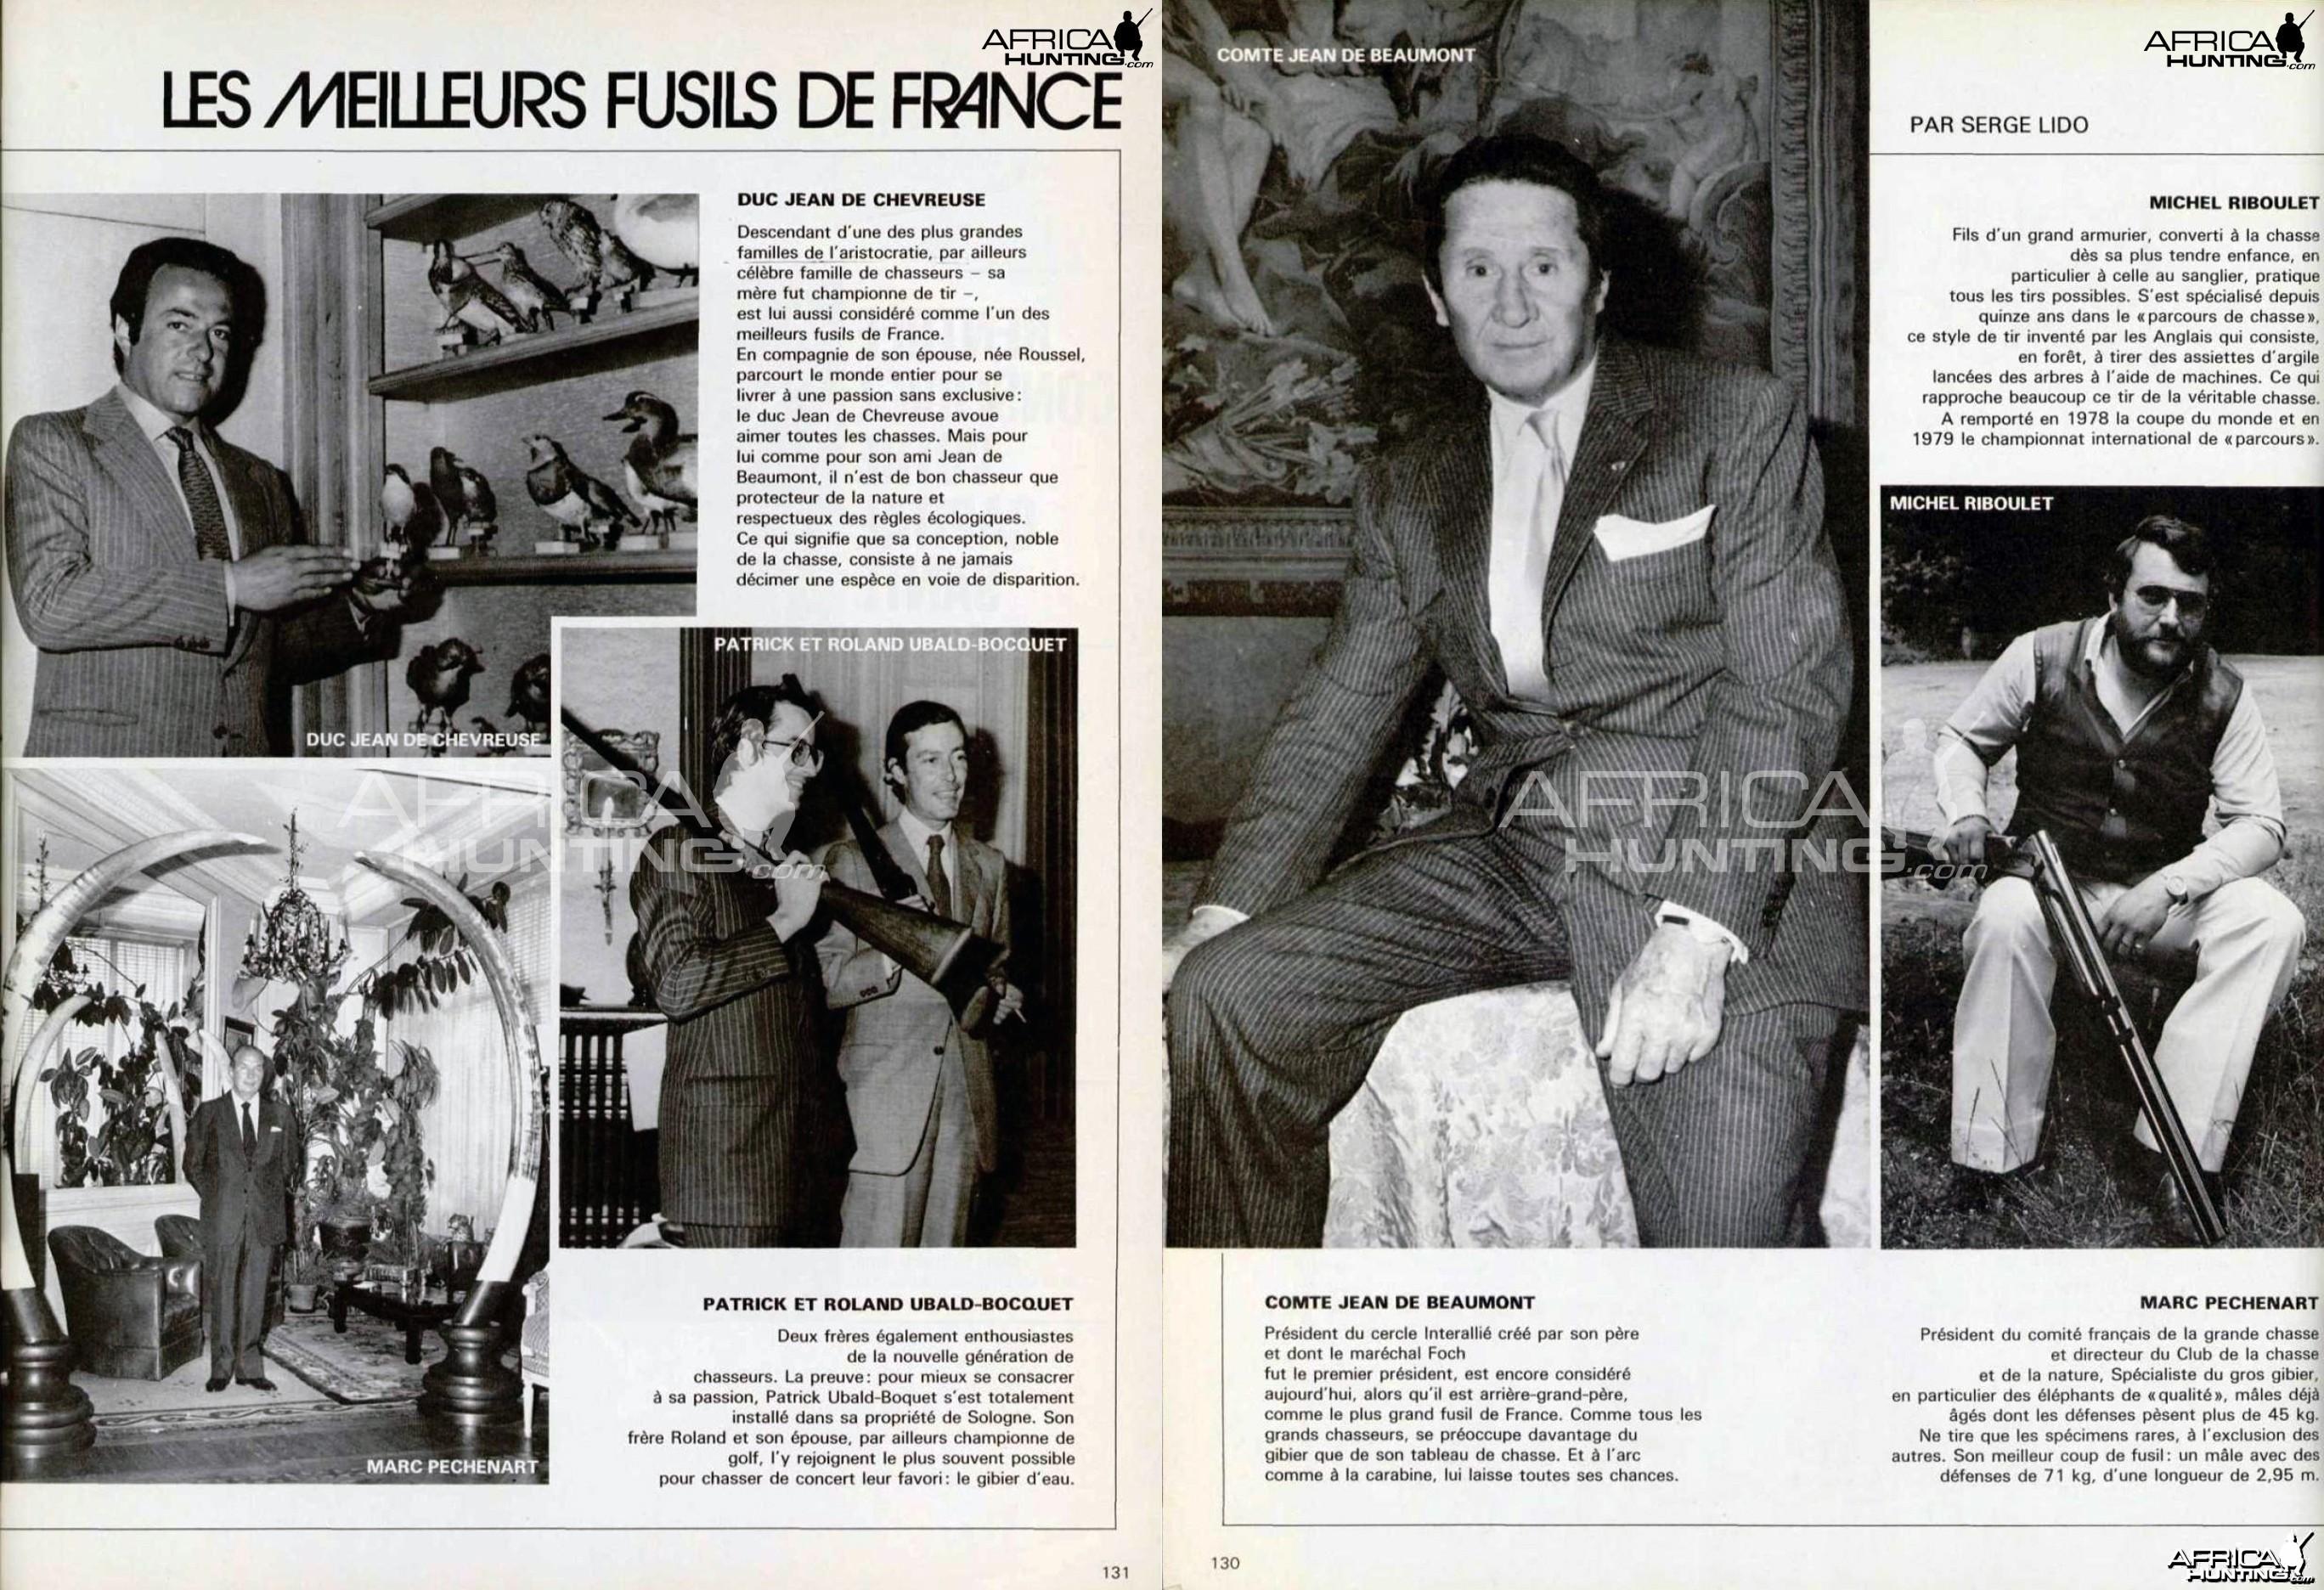 Les meilleurs fusils de France